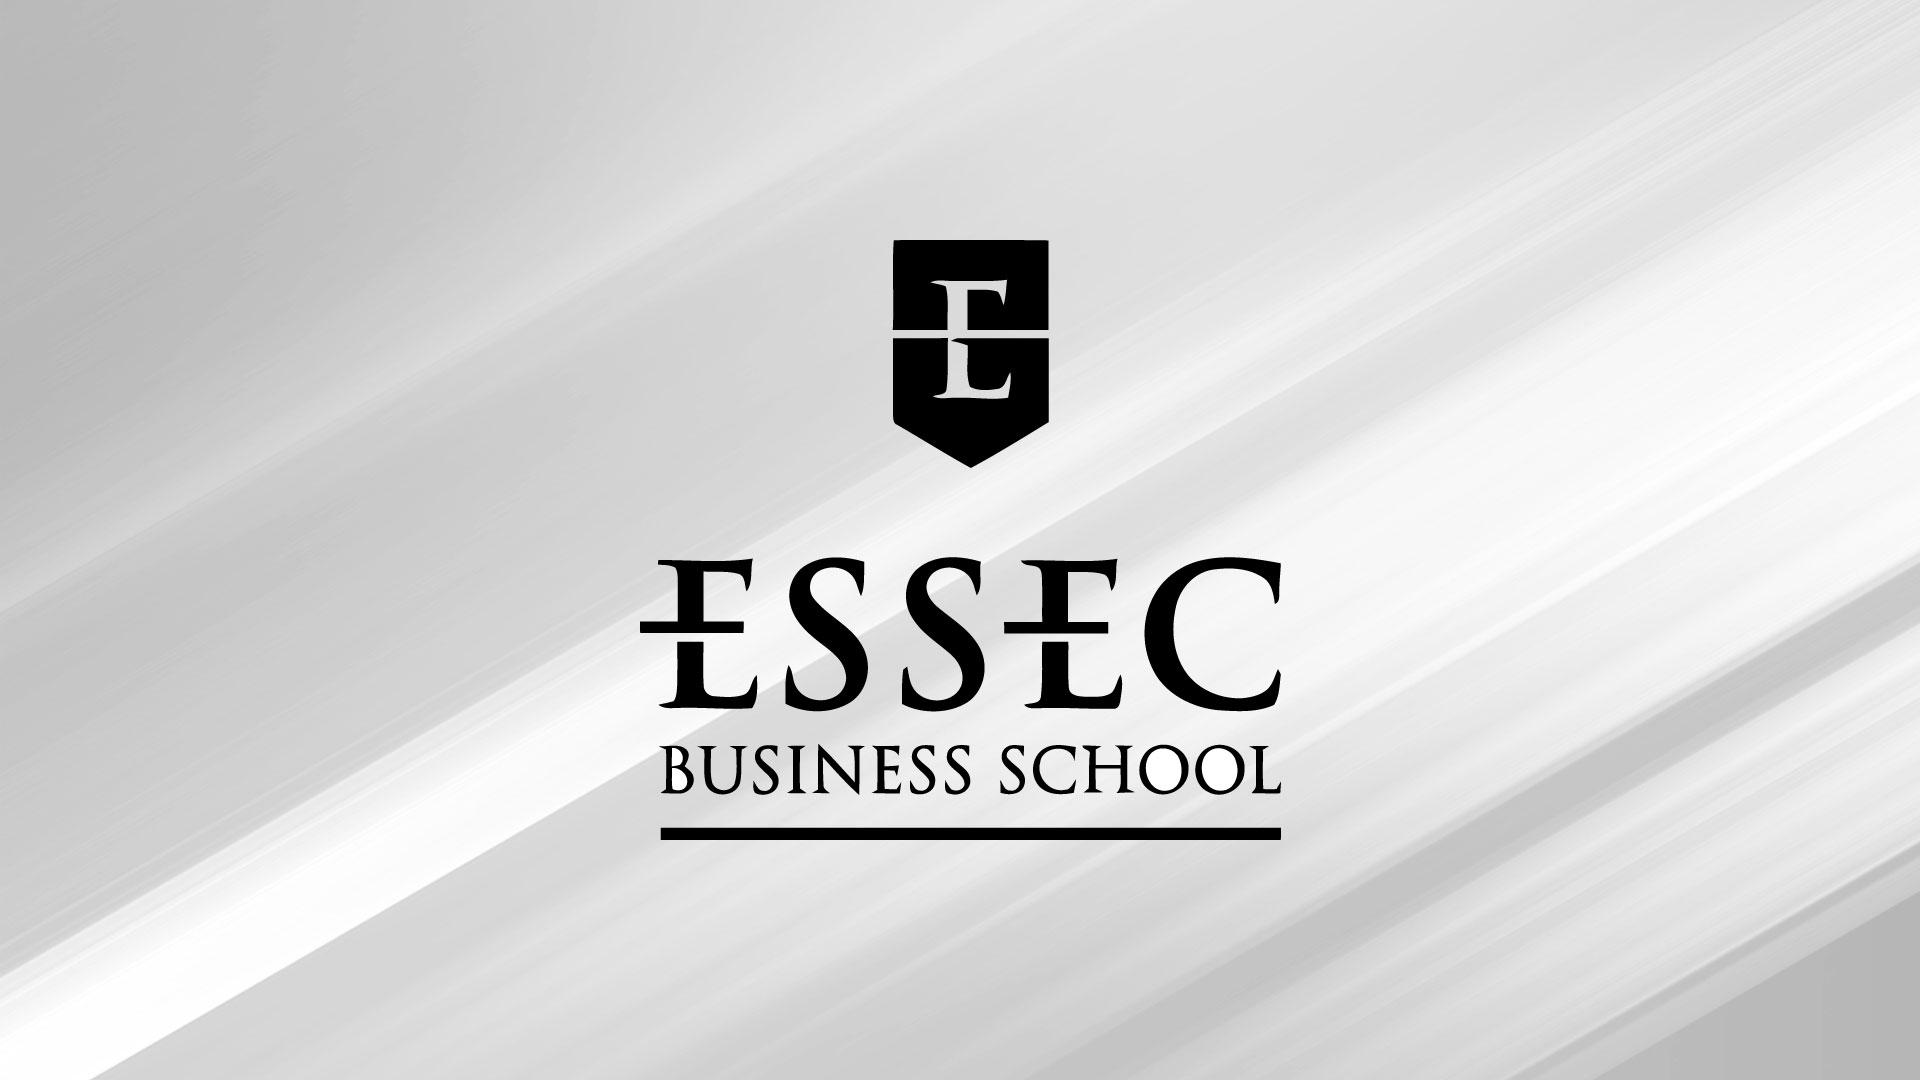 Fondation ESSEC : les raisons de mon soutien - Jérôme Adam - Conférencier Entrepreneur